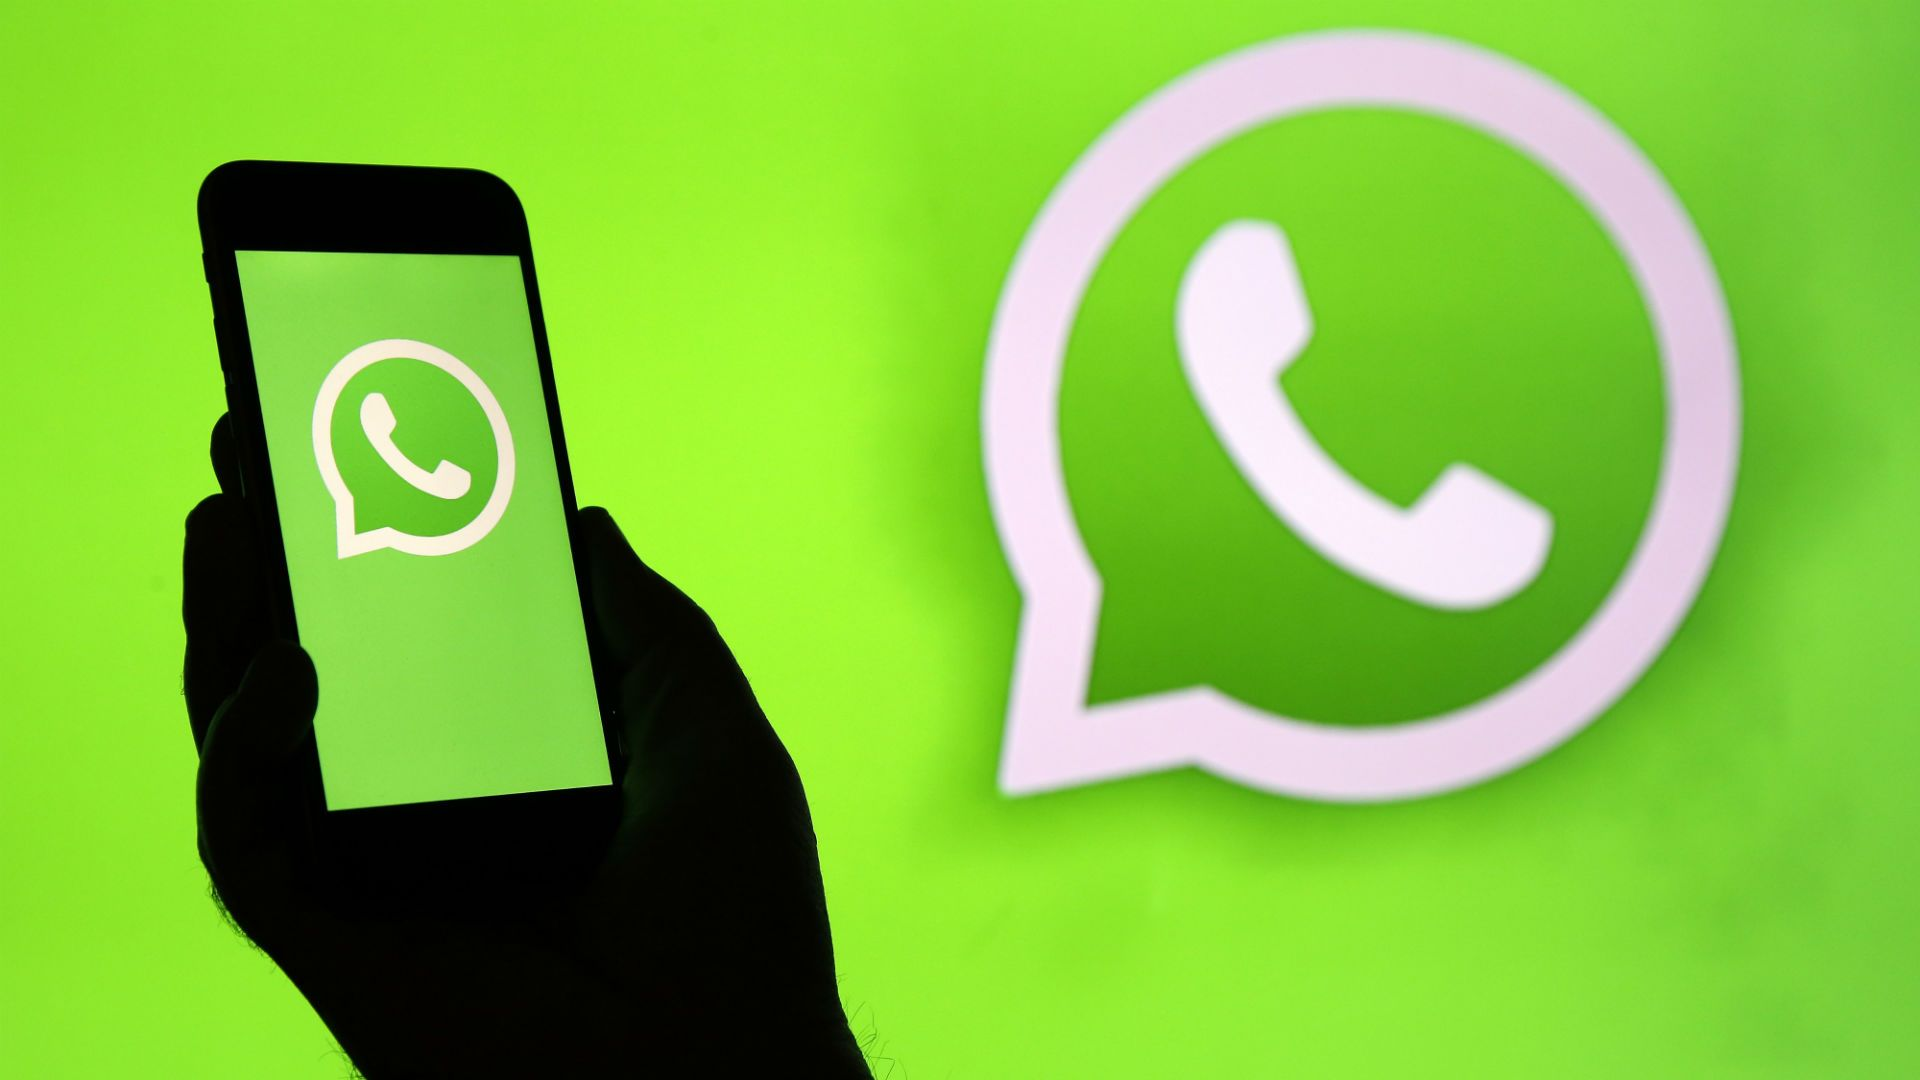 Aggiornamento Whatsapp: si potrà usare su più dispositivi thumbnail